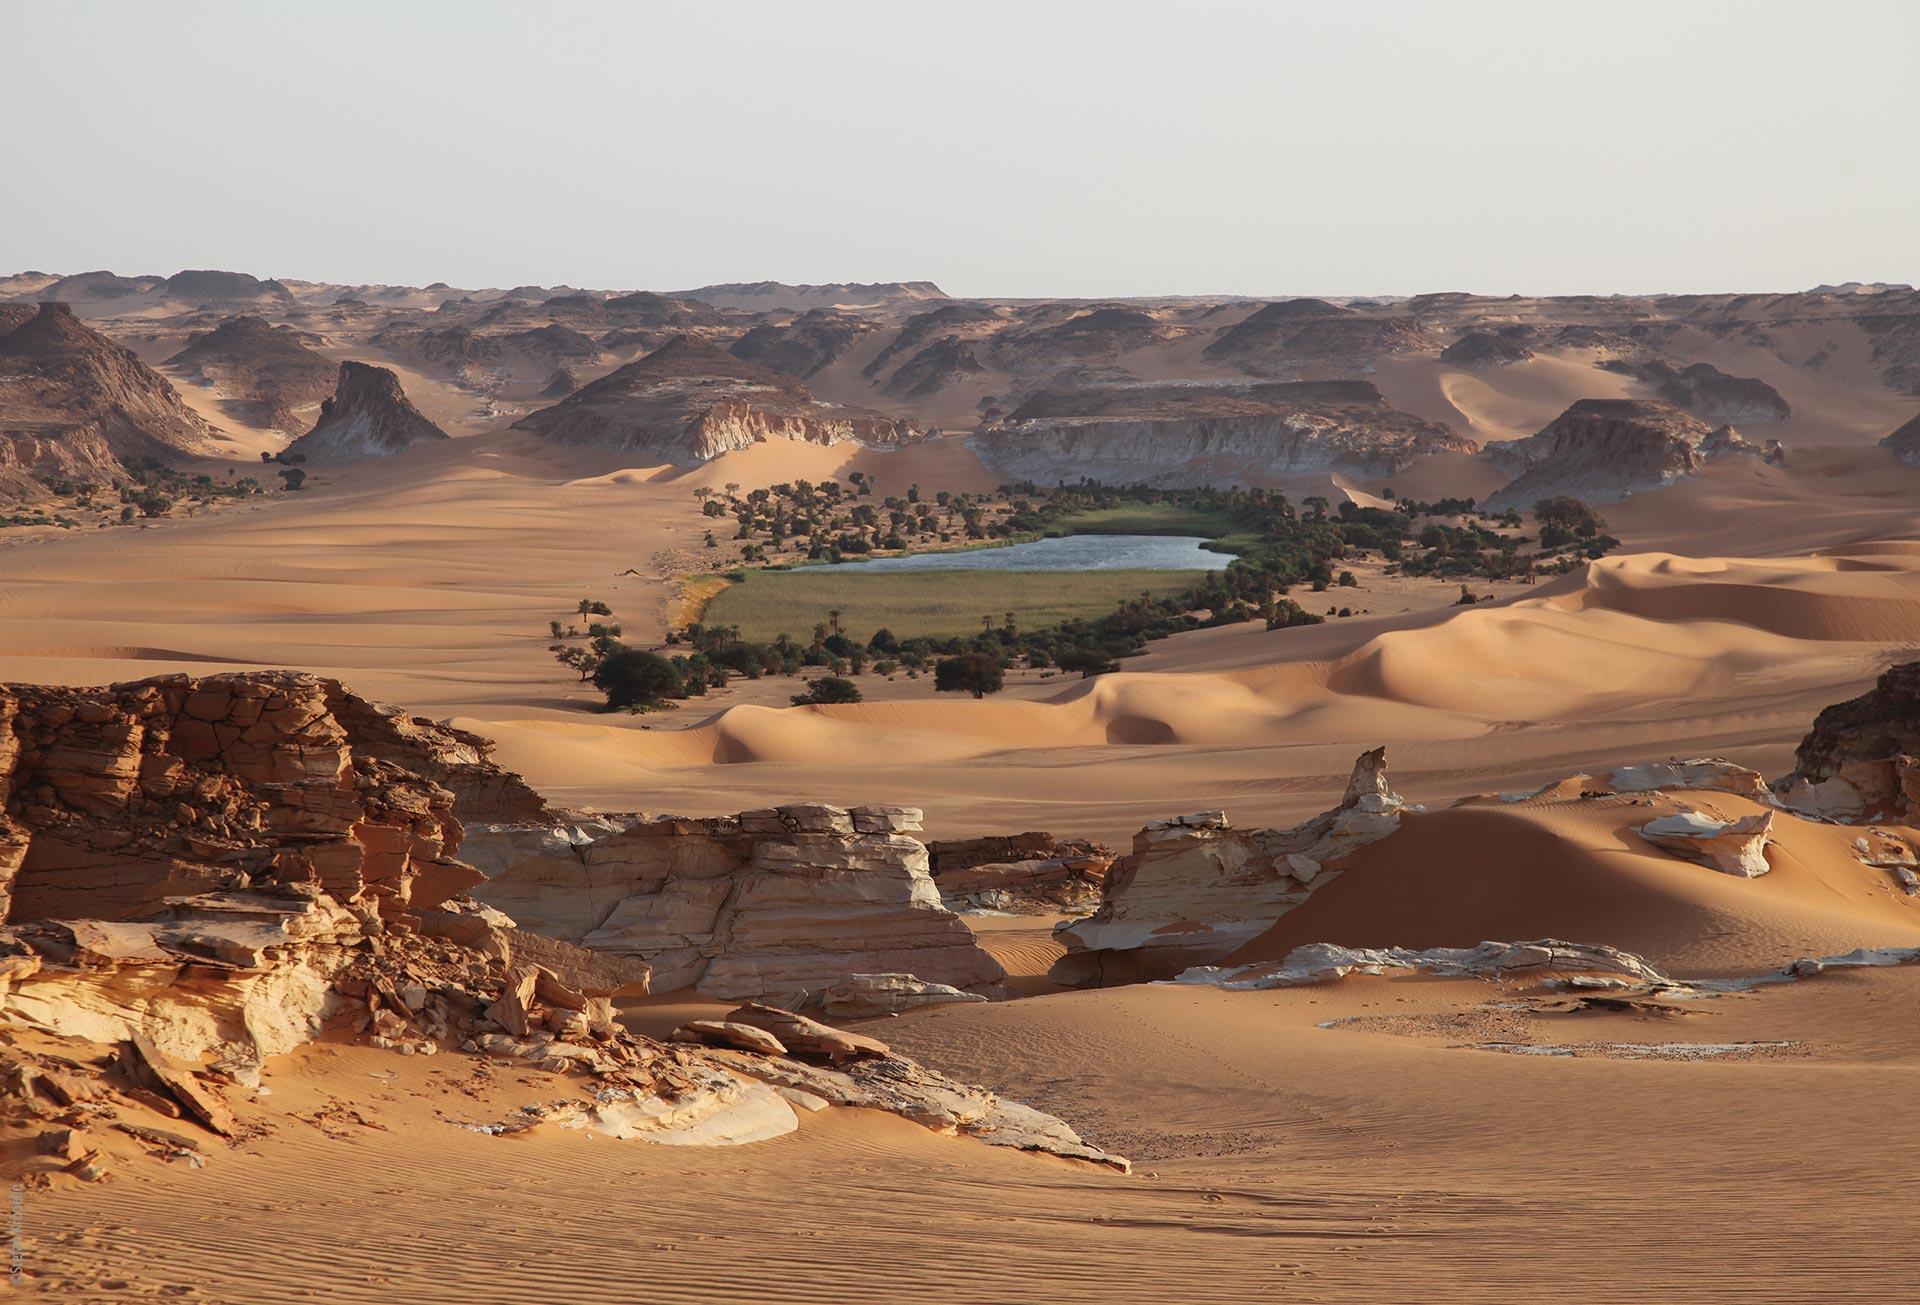 Die Seen von Ounianga, Ounianga Serir, Lac Bokou und Wüstenlandschaft, Explore Chad